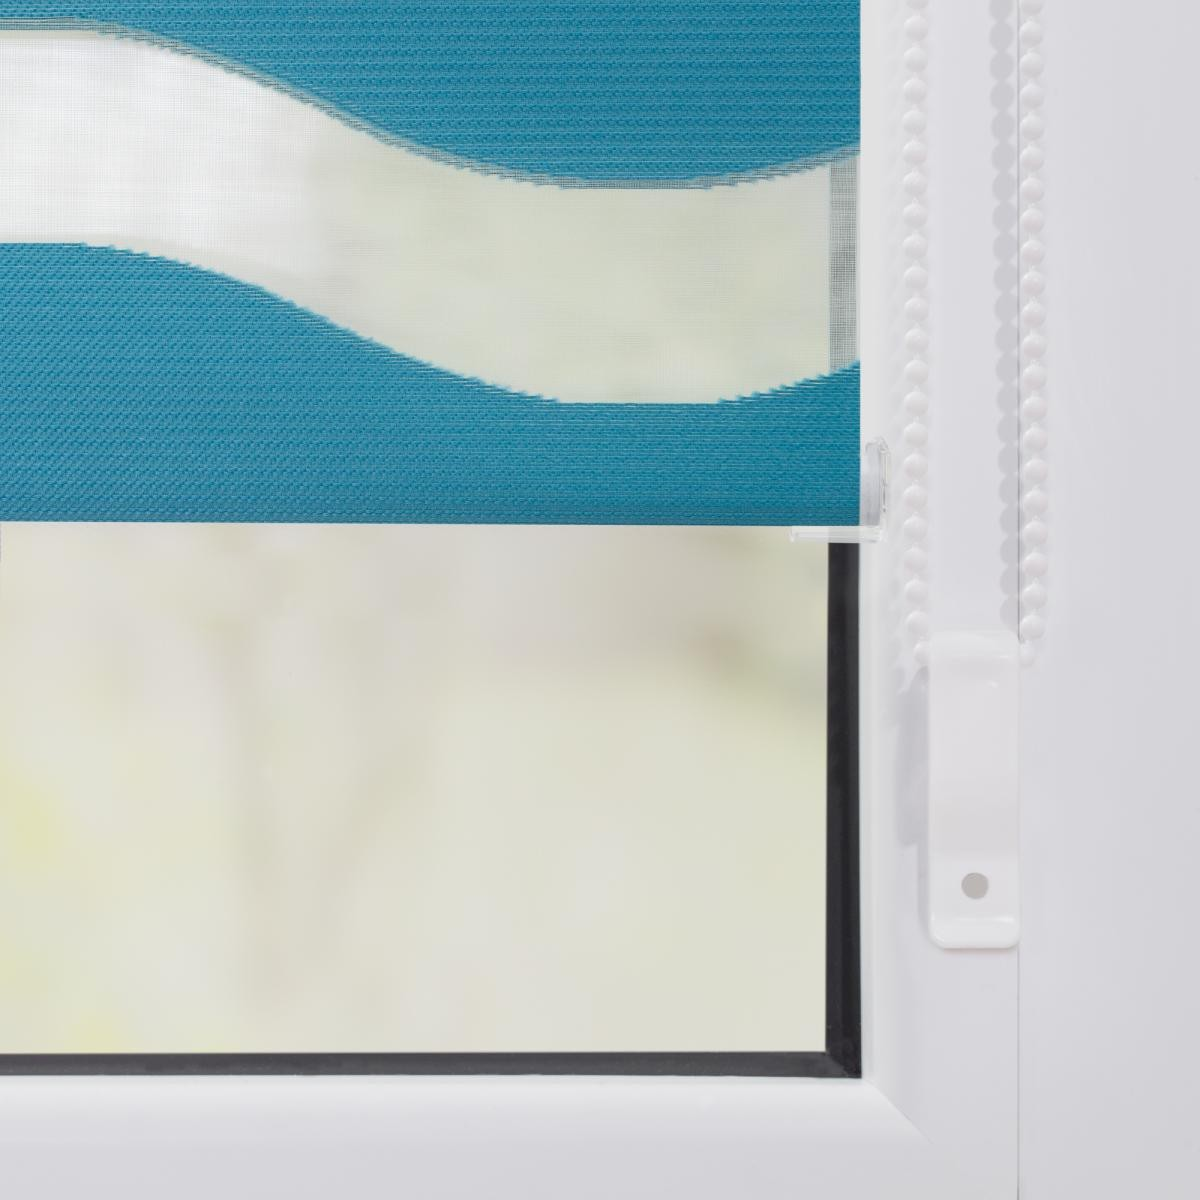 Bild 5 von Lichtblick Duo Rollo Welle Klemmfix, ohne Bohren, Petrol, 70 cm x 150 cm (B x L)